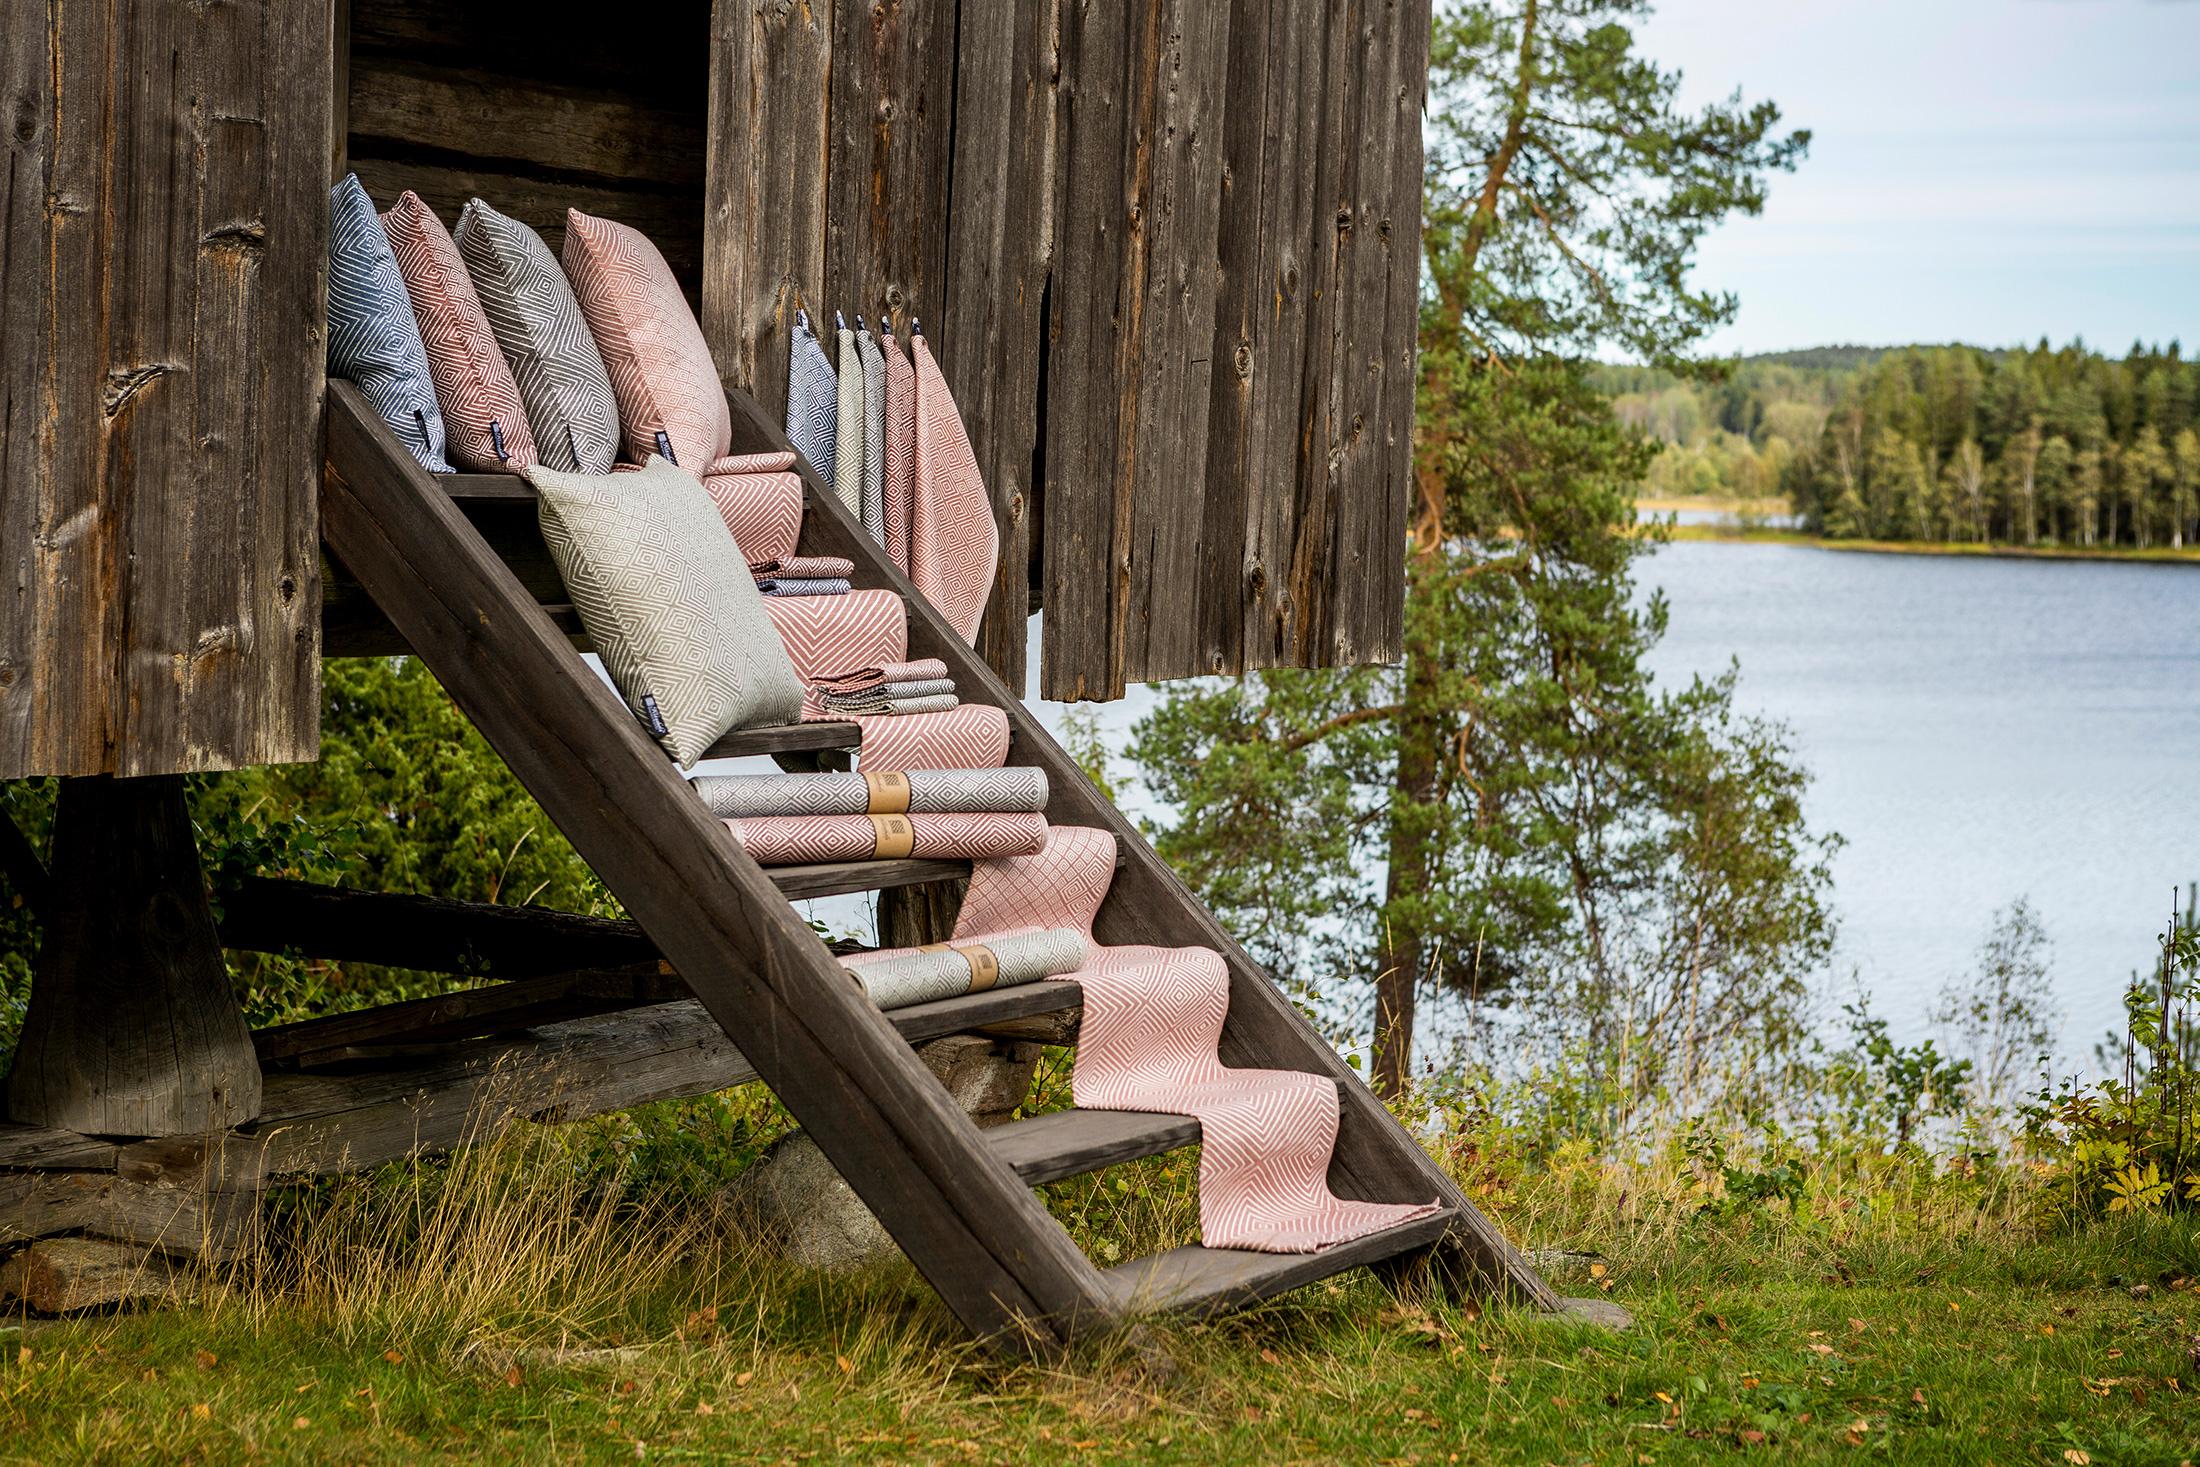 Gåsöga linneprodukter duk löpare servetter kuddar handdukar nya färger Klässbols Linneväveri Margot Barolo Ulrika Mårtensson Stavnäs hembygdsgård